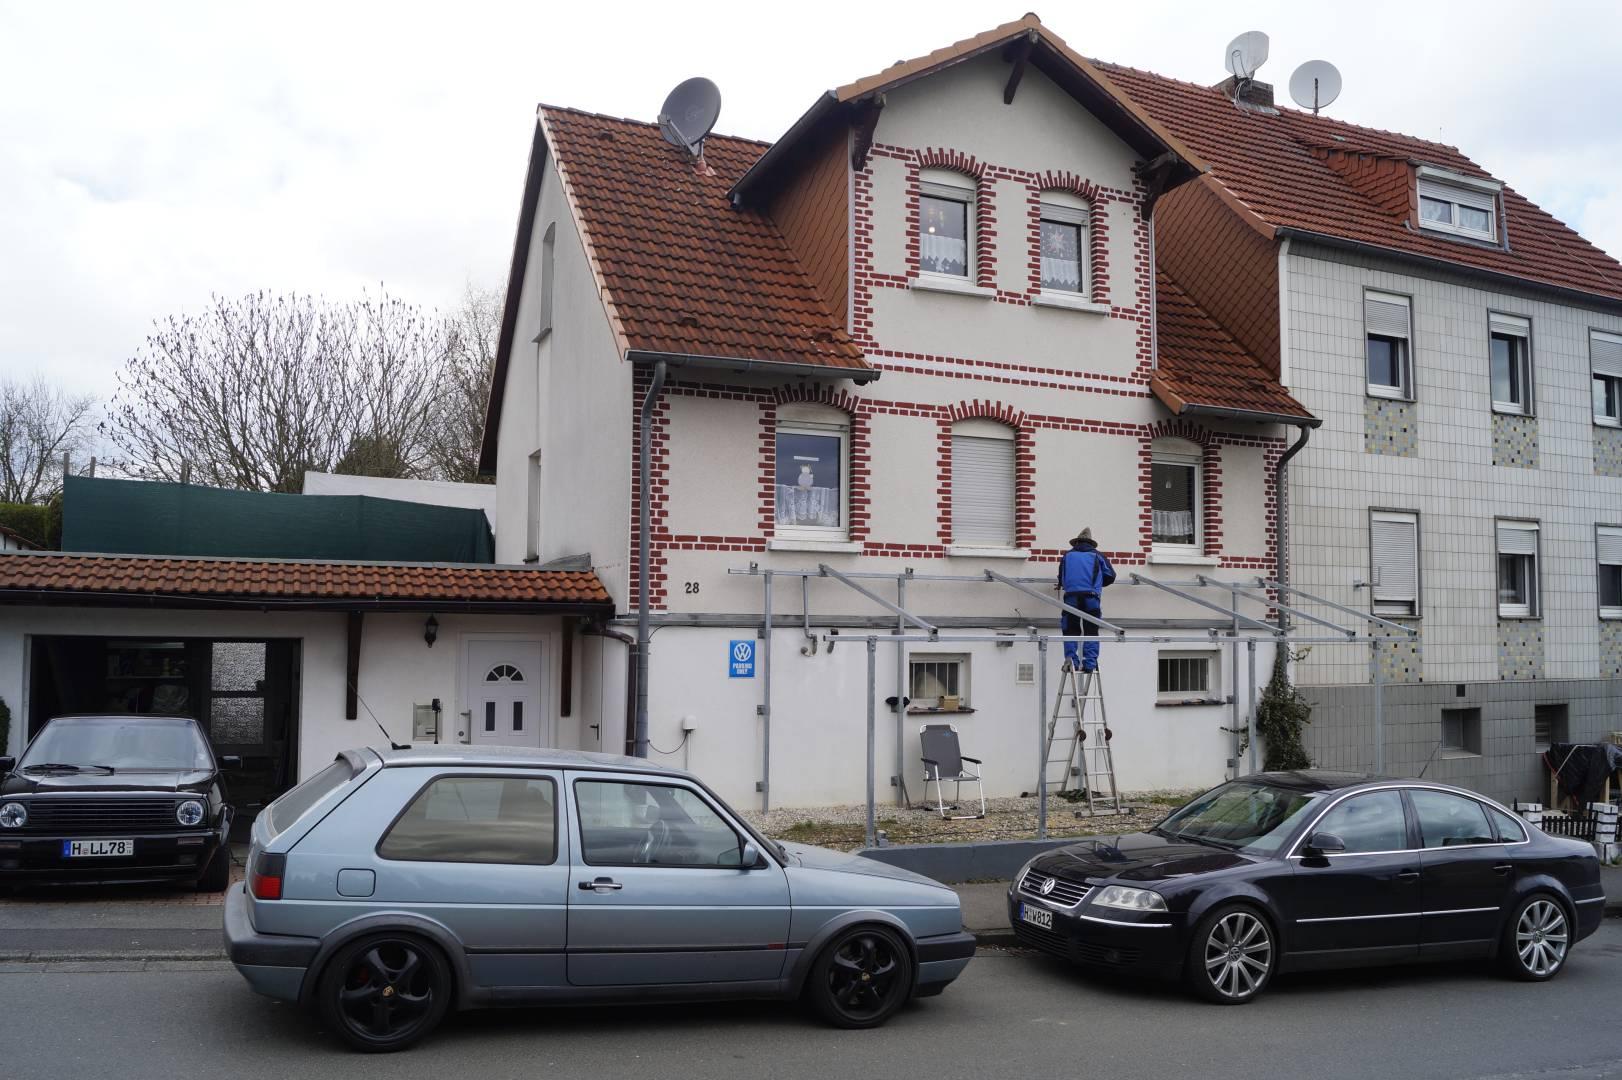 Carport_Aufbau_B07.jpg